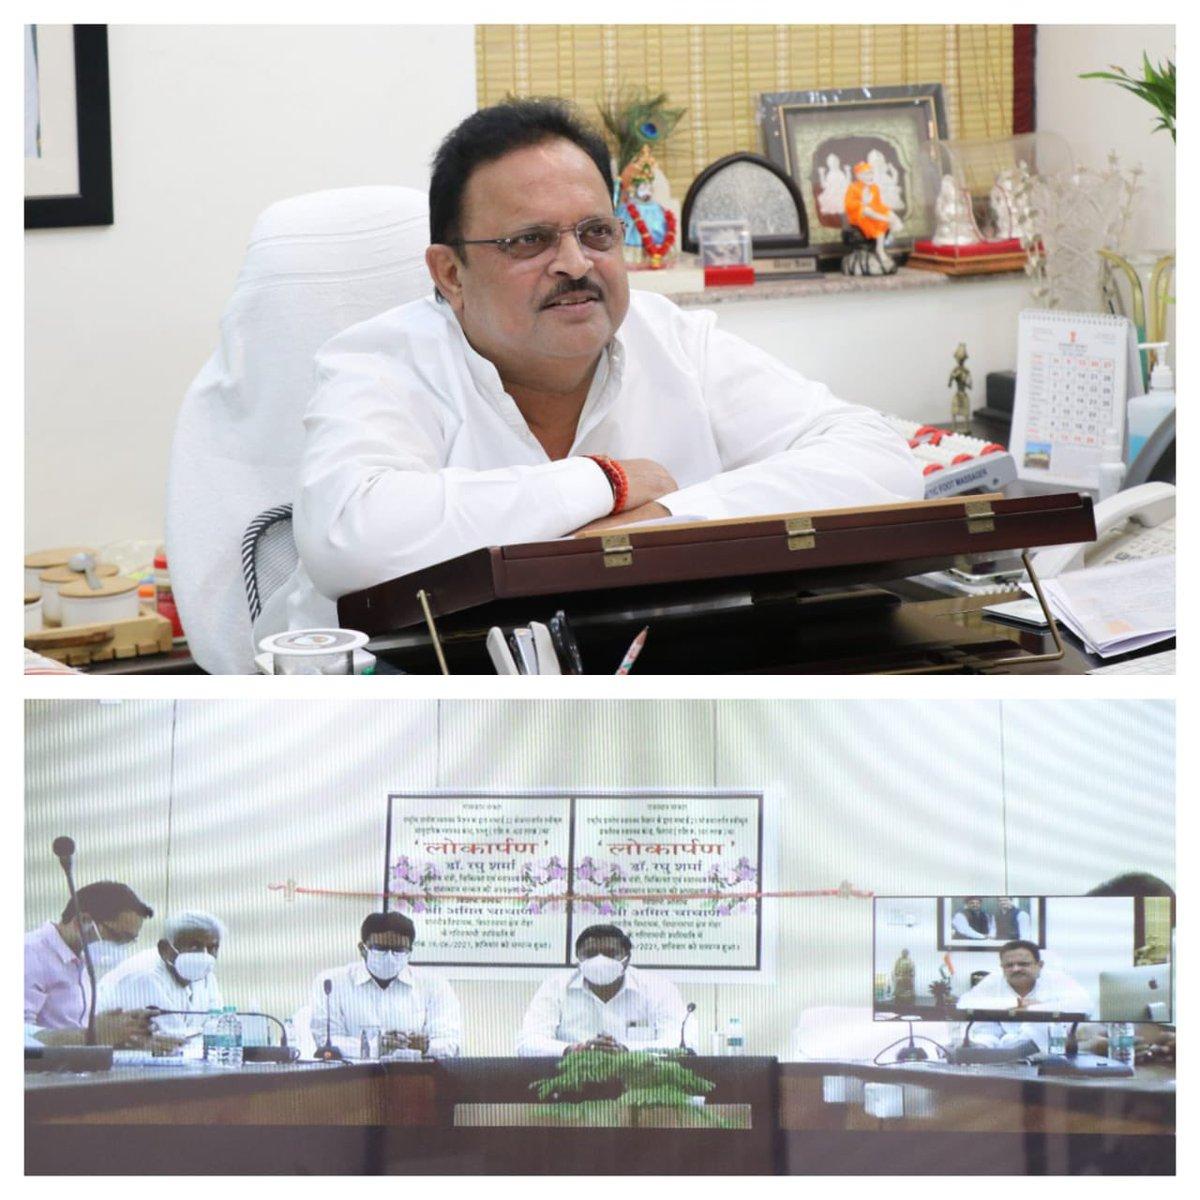 सीएचसी पल्लू एवं स्वास्थ्य केंद्र थिराना (नोहर) हनुमानगढ़ के भवन का वीडियो कॉन्फ्रेंसिंग के माध्यम से वर्चुअल उद्घाटन किया। https://t.co/lt8UUhtMcm